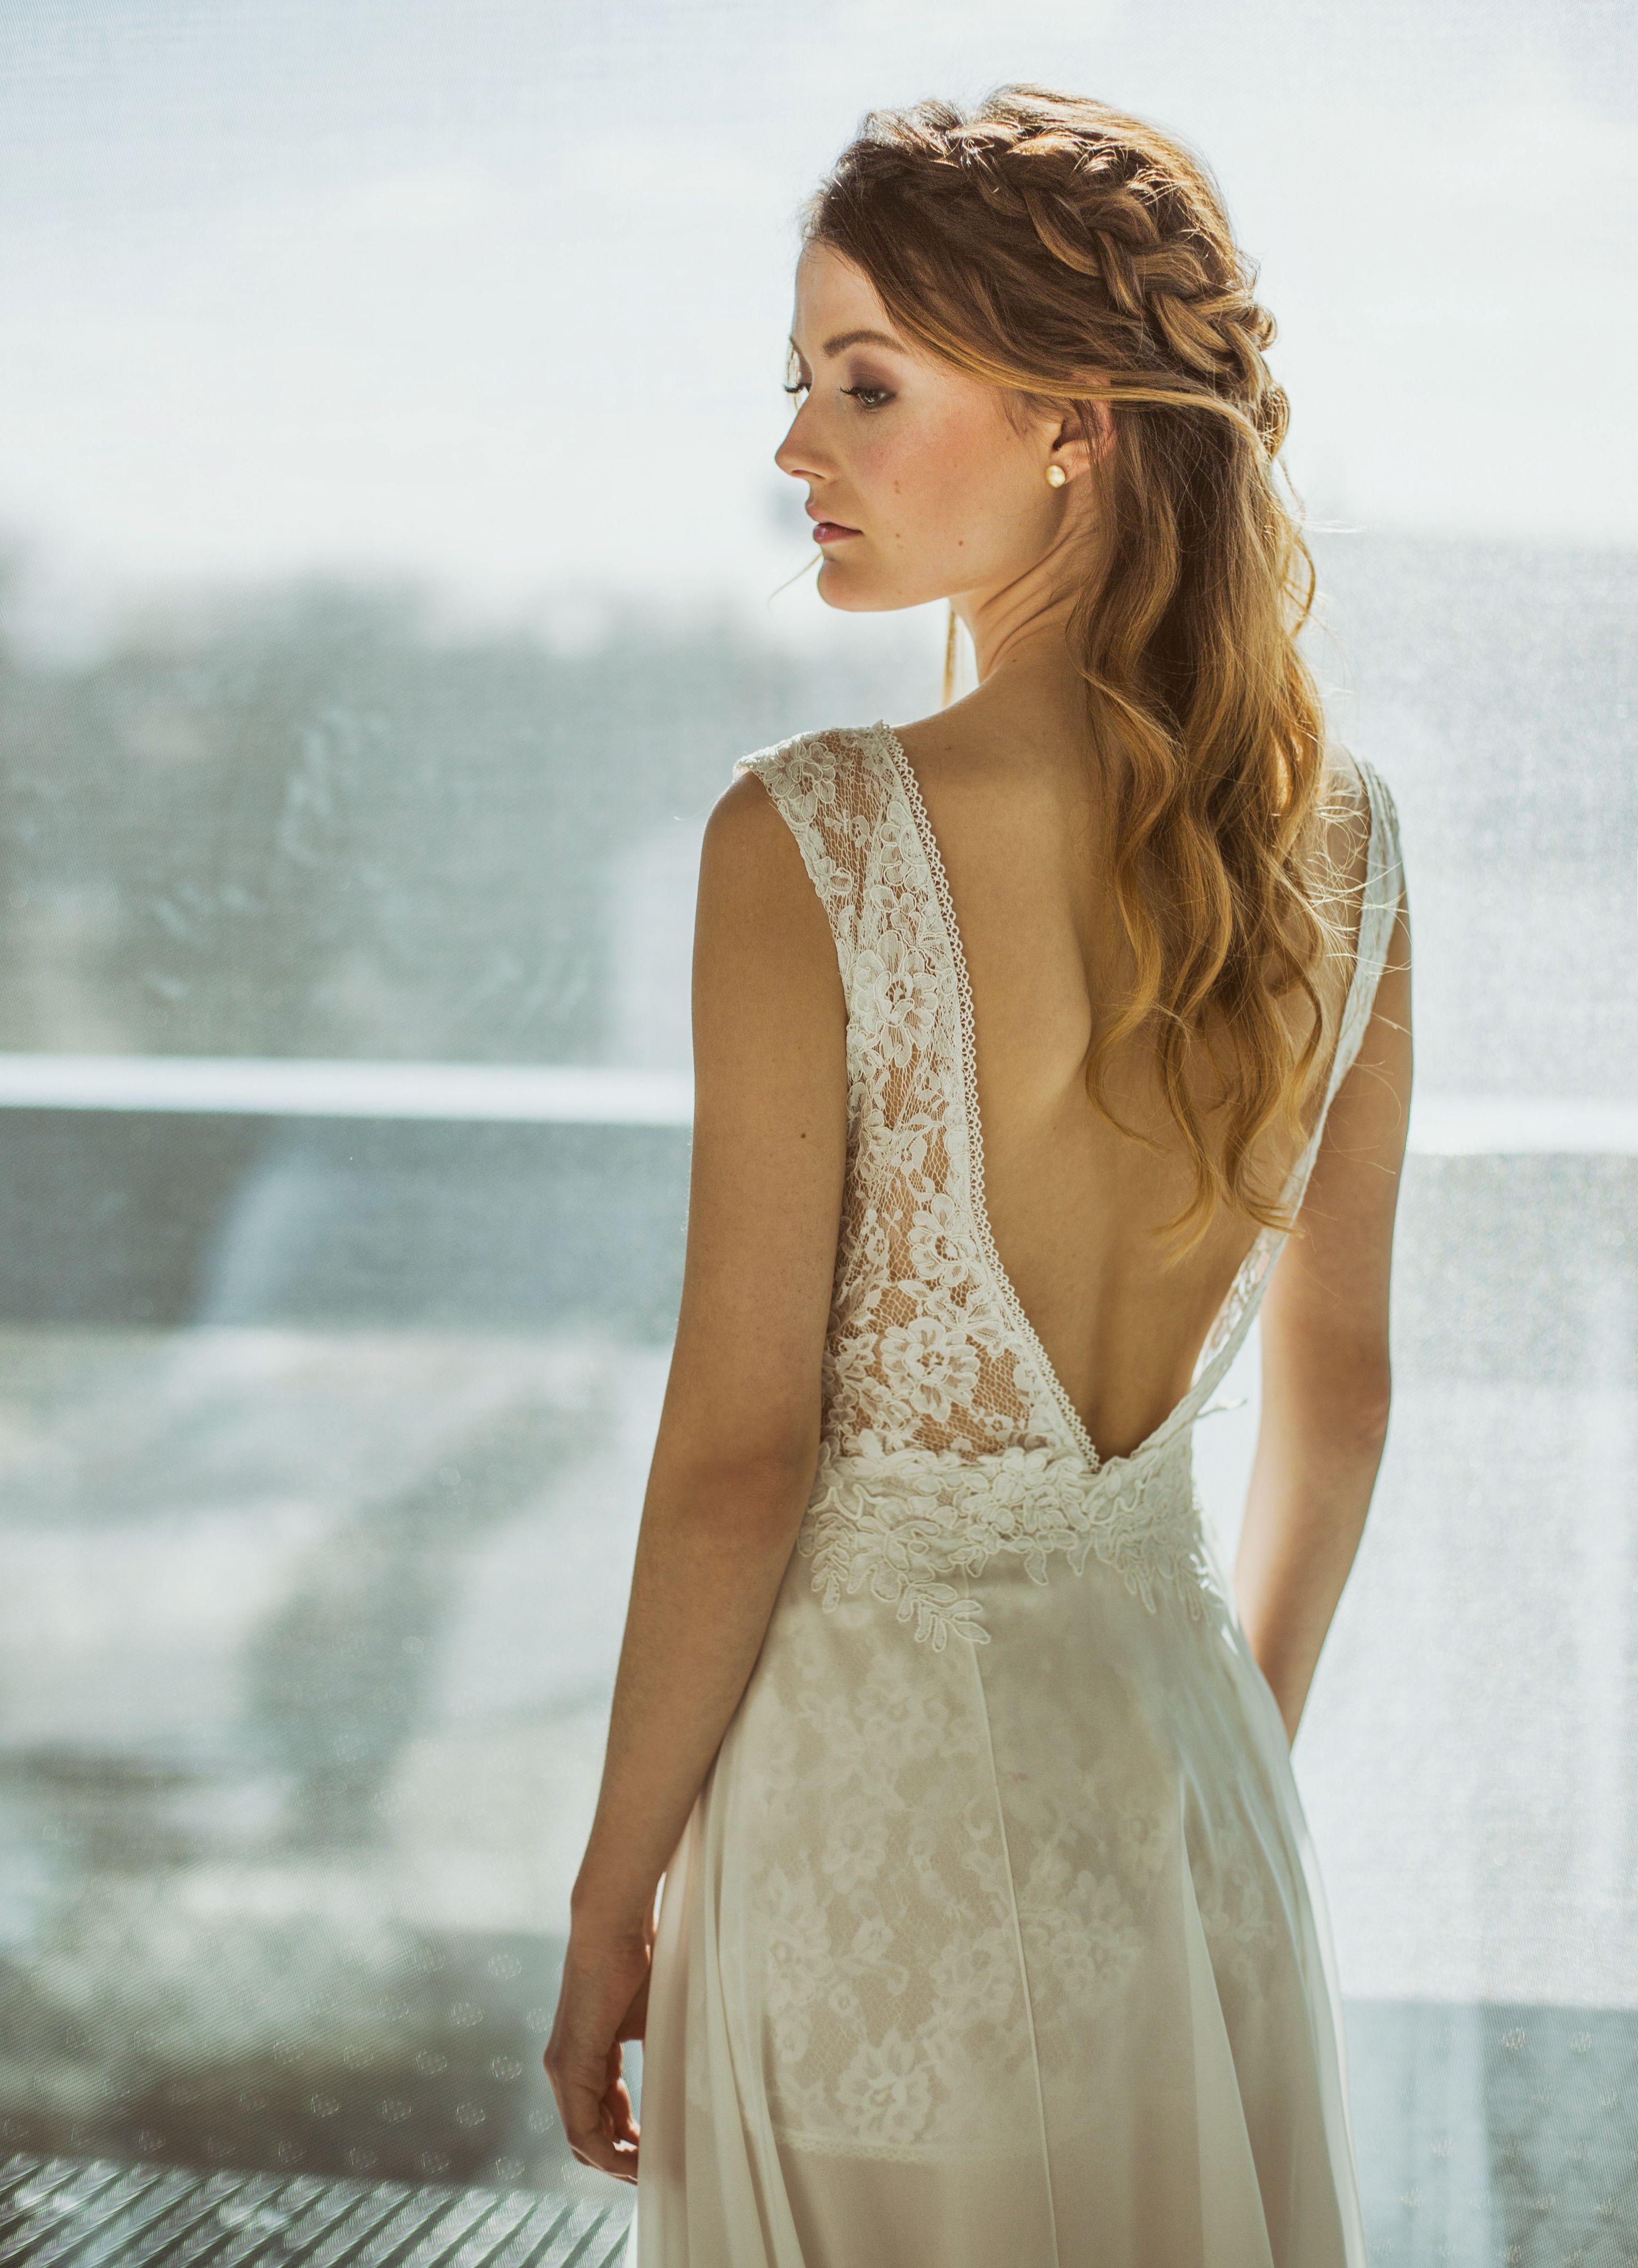 updo brautfrisur , hochsteckfrisur für die Braut ...